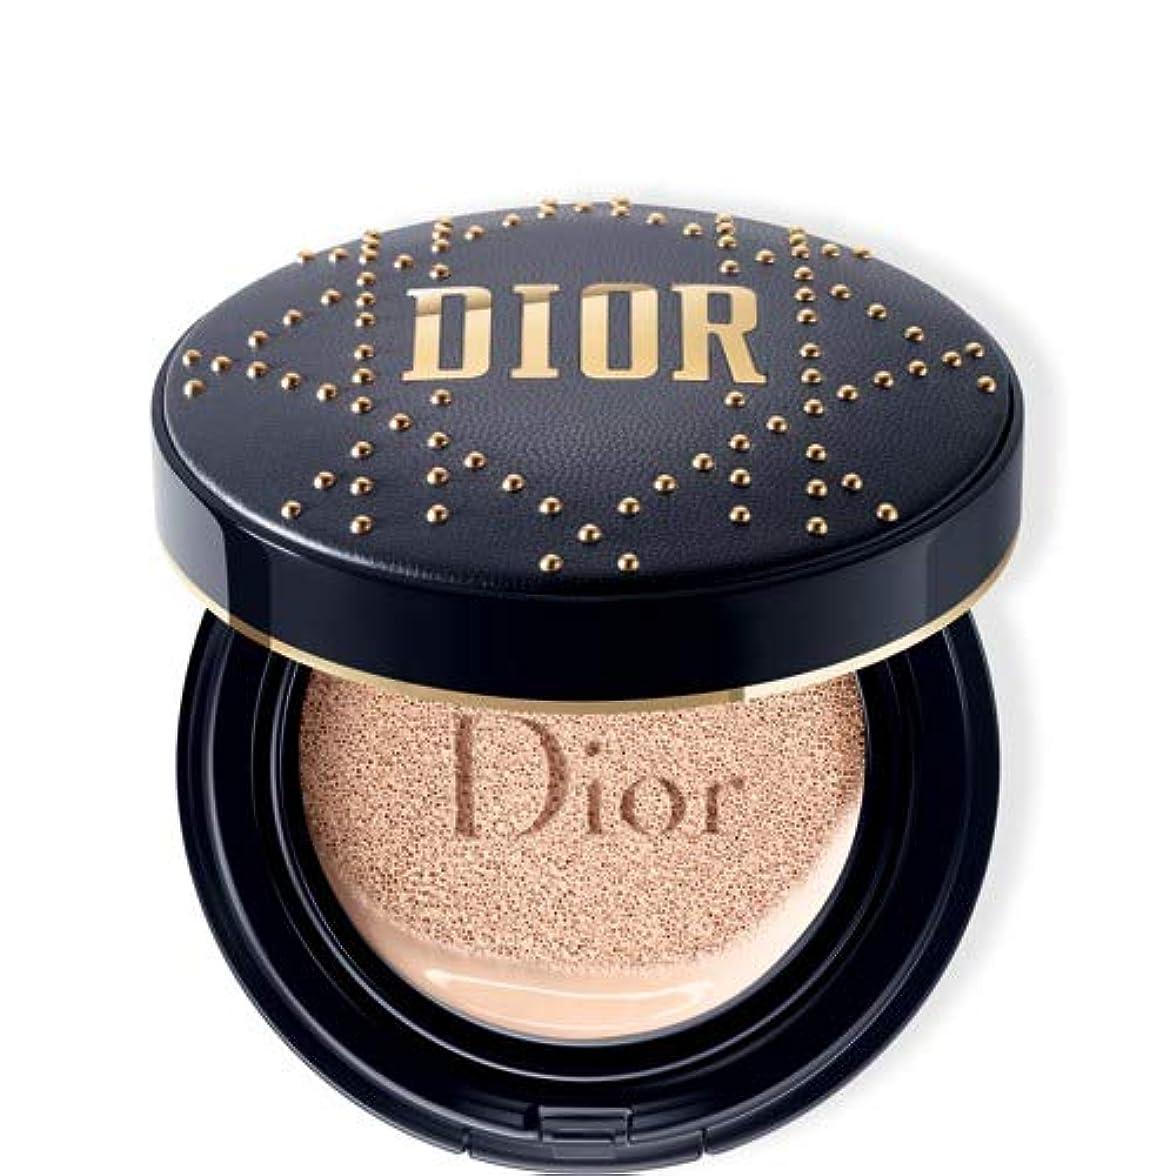 傀儡気怠い違法Dior ディオールスキン フォーエヴァー クッション - 限定スタッズ カナージュ ケース #030